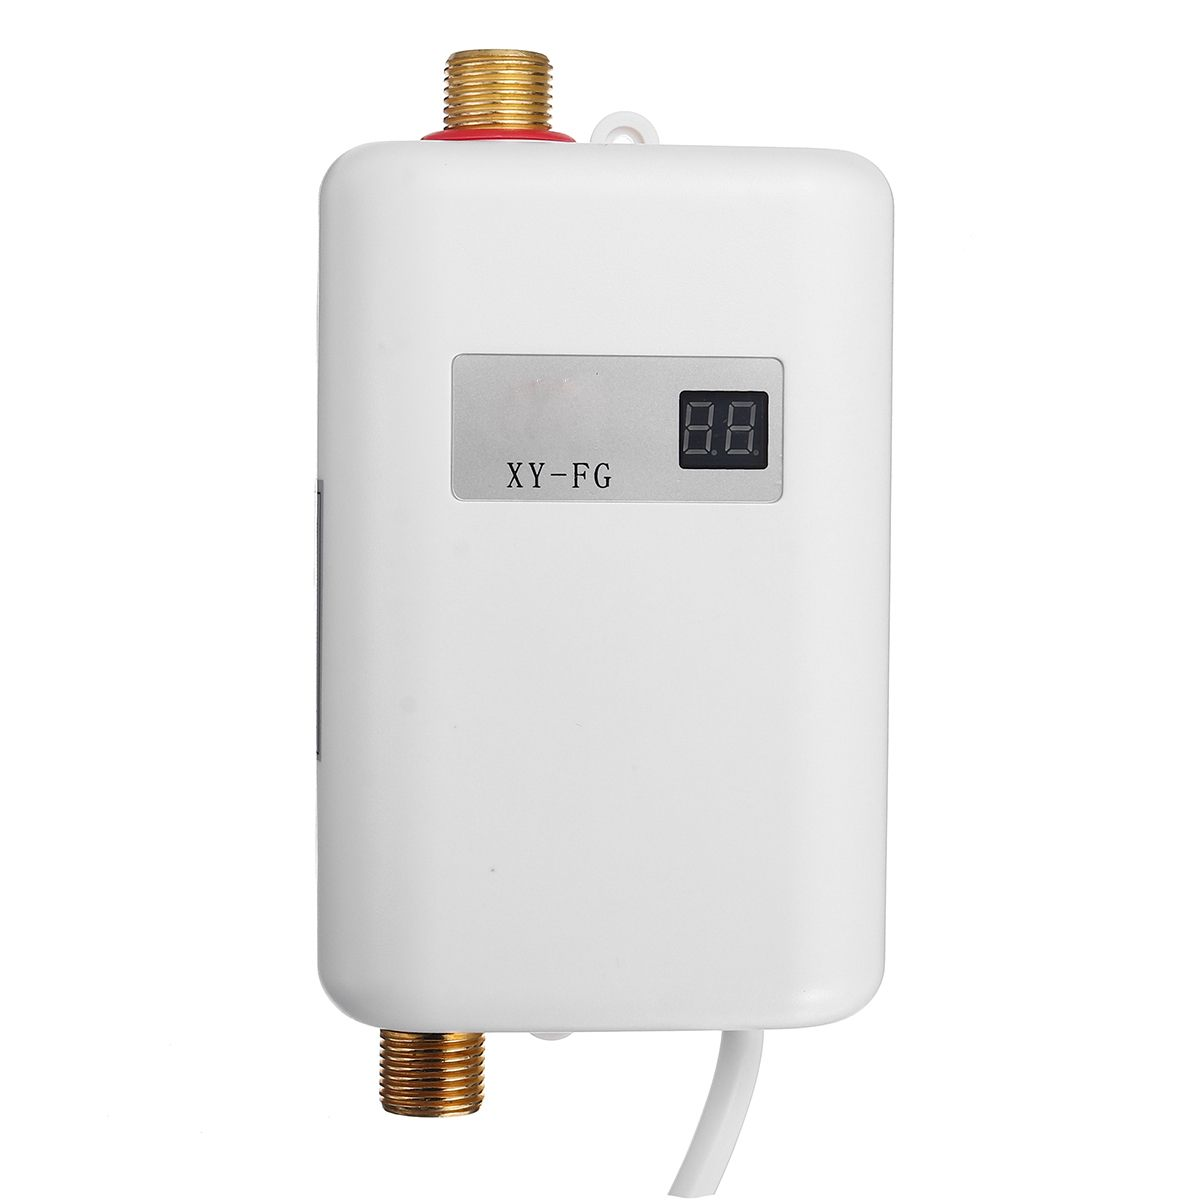 Chauffe-eau électrique 3000 W, chauffe-eau instantané sans réservoir, 110V 3KW, affichage de la température, chauffage de douche universel